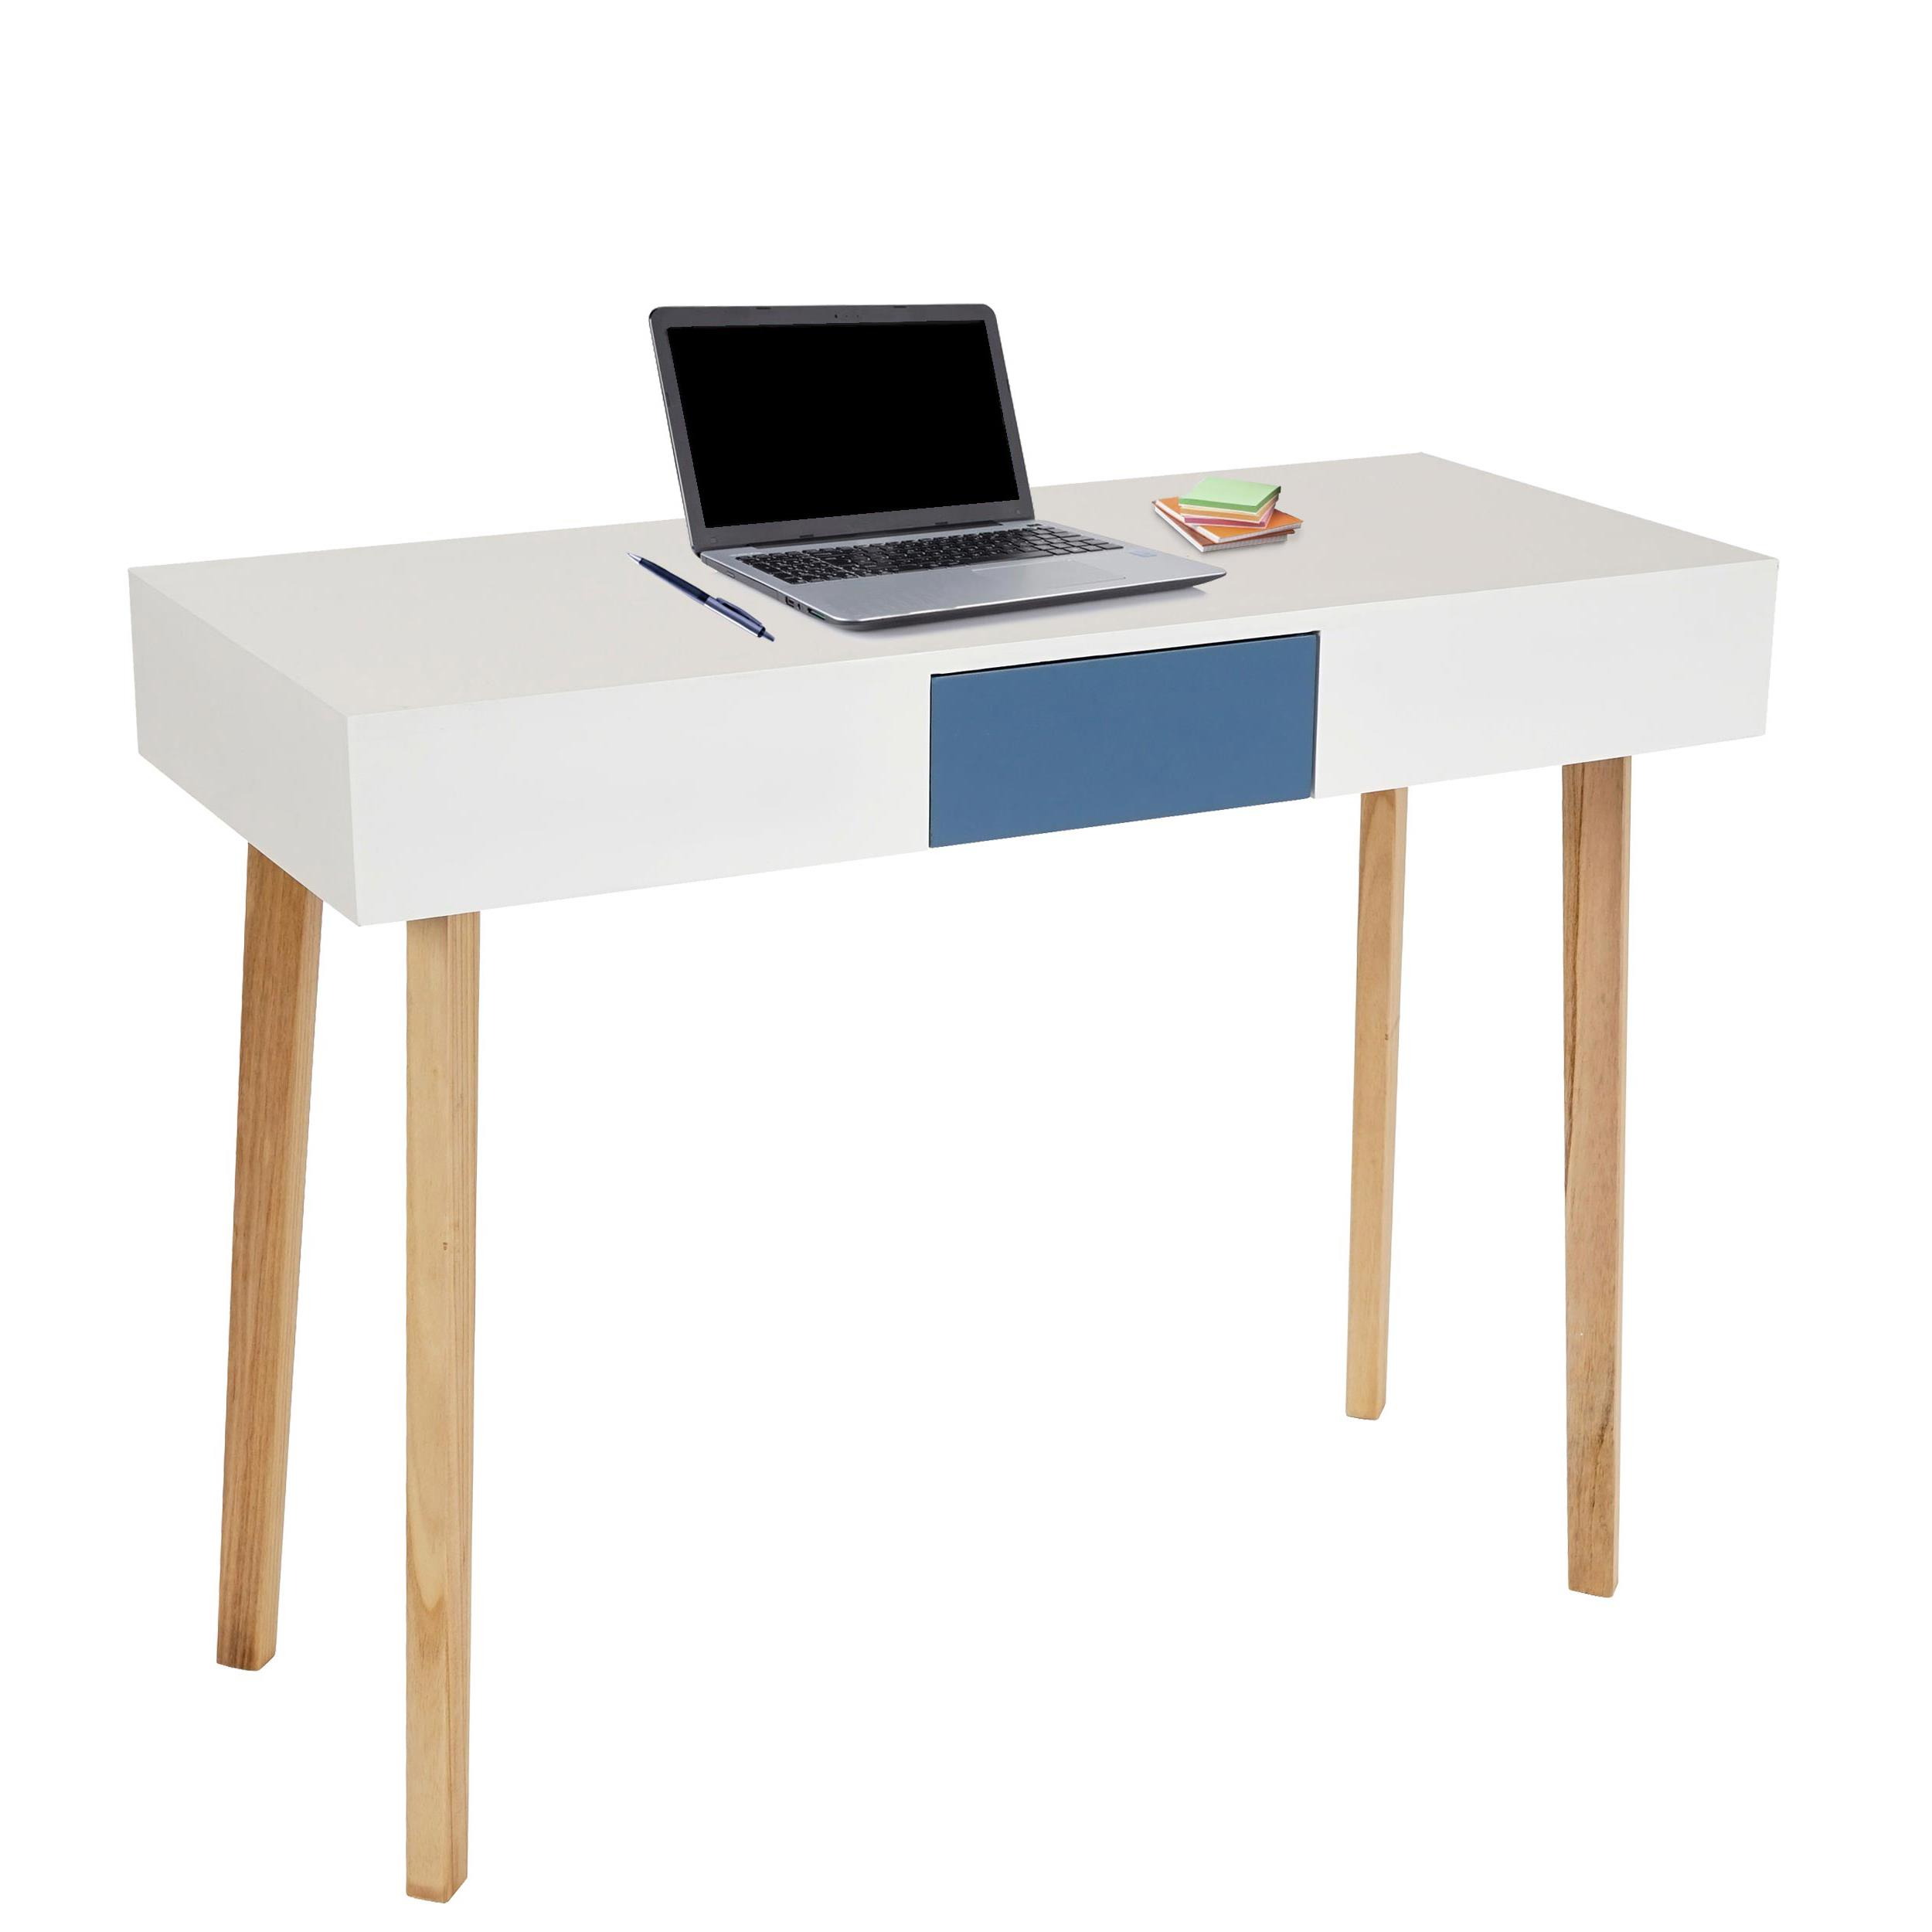 Tavolo per computer conel ripiano in legno bianco cm - Tavolo per computer ...